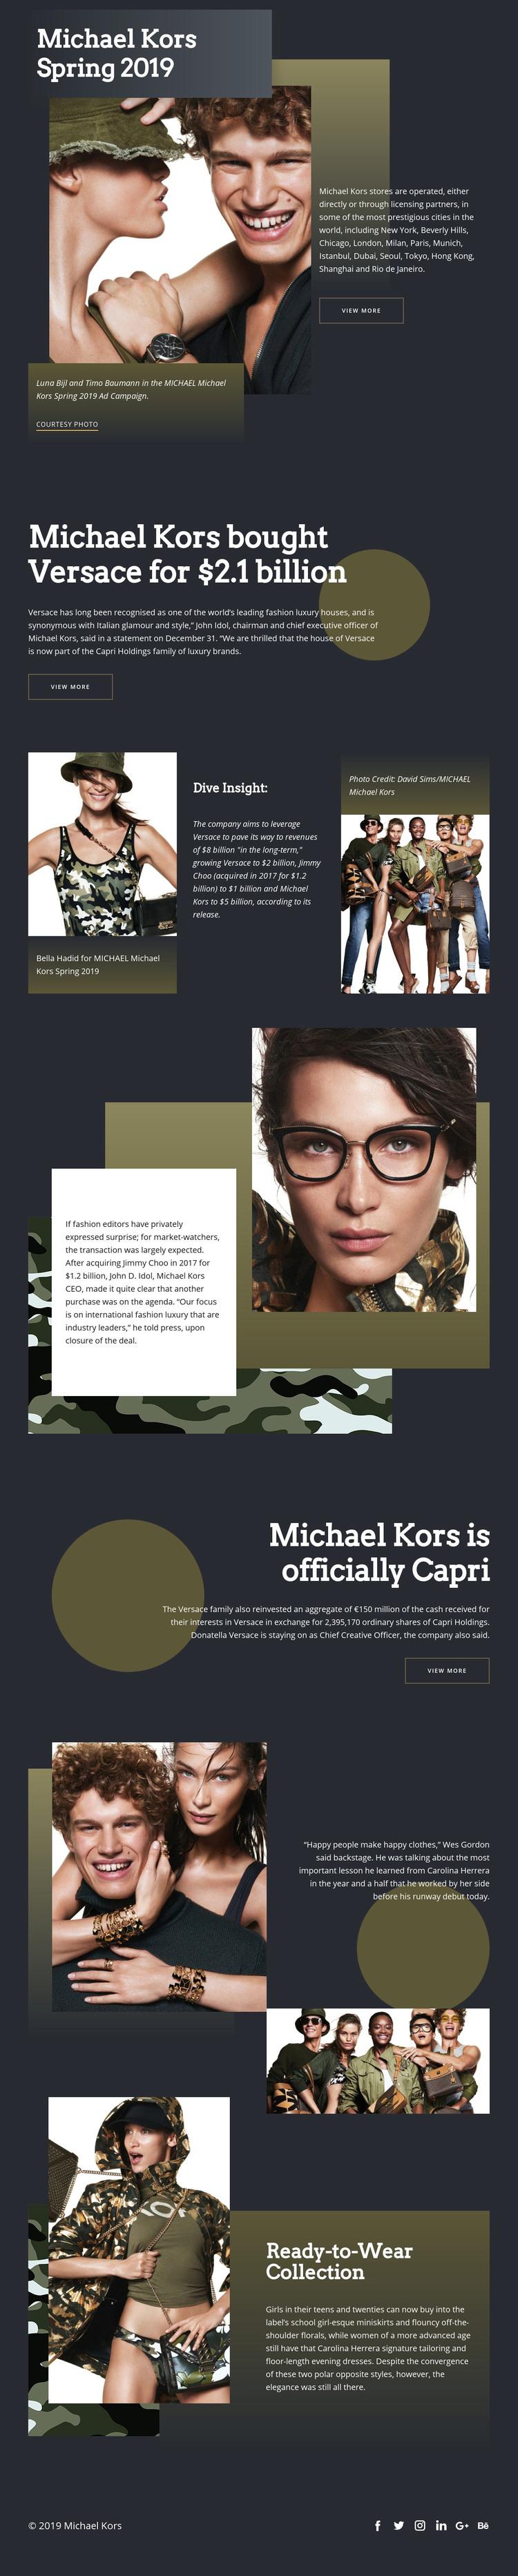 Michael Kors Dark WordPress Website